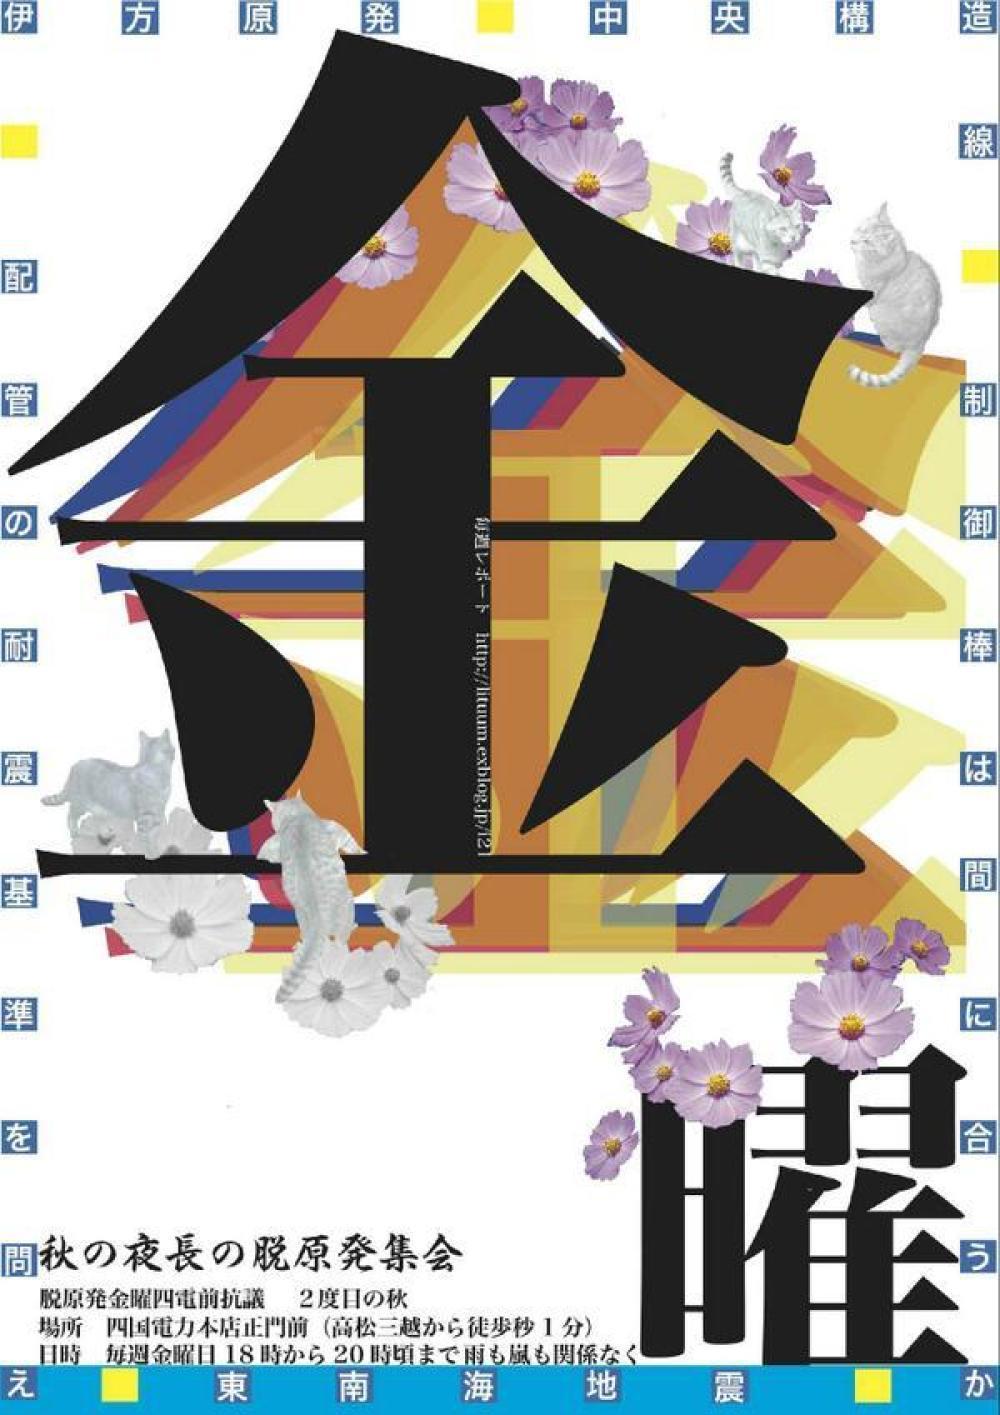 383回目四電本社前再稼働反対抗議レポ 11月8日(金)高松 【 伊方原発を止める。私たちは止まらない。55】【 日本の原発はこのまま「消滅」へ 】 _b0242956_10403185.jpg